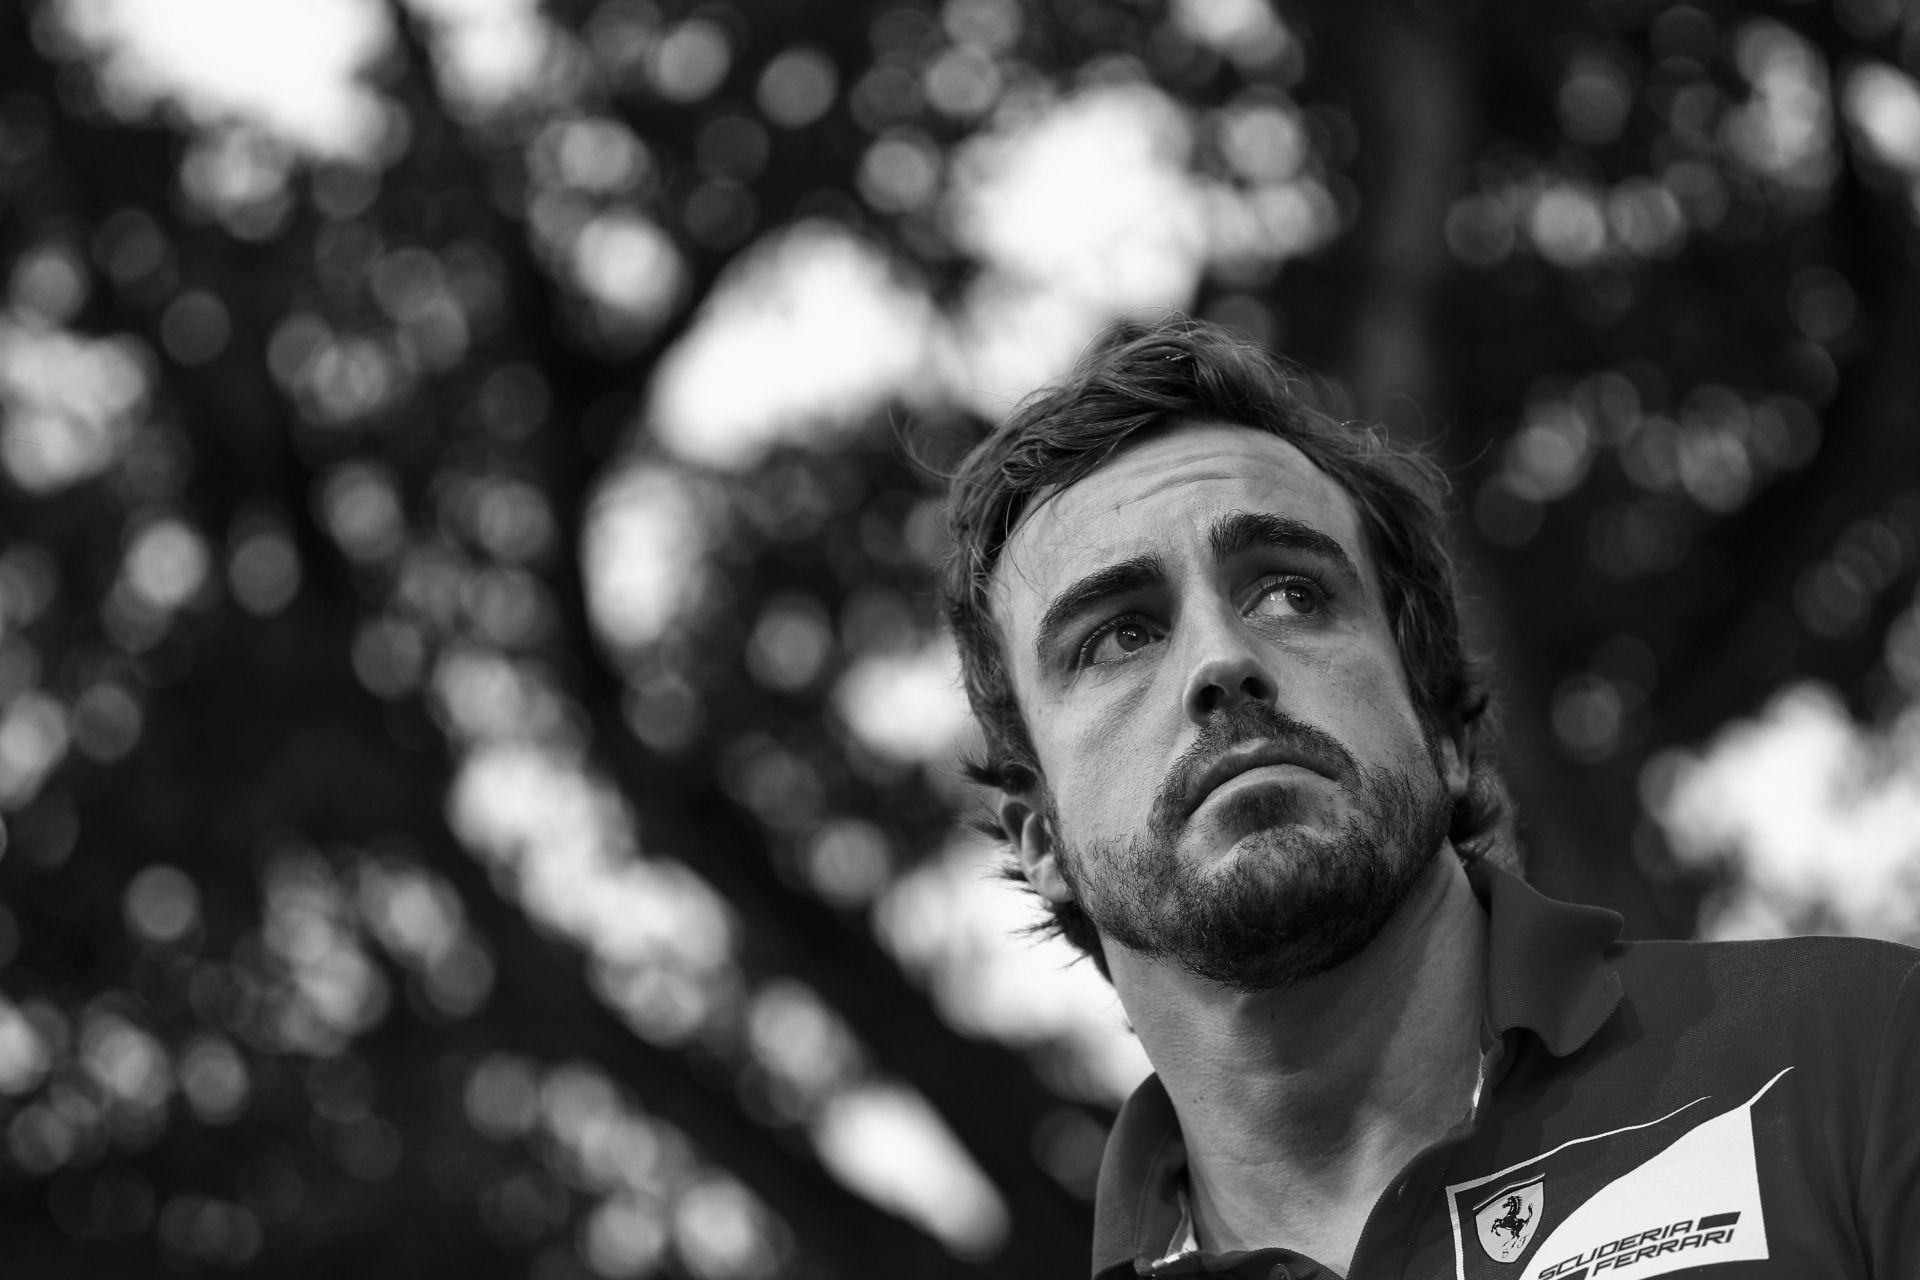 Emiatt távozik Alonso a Ferraritól: A spanyol bajnok már keresi az új csapatát (Frissítve)